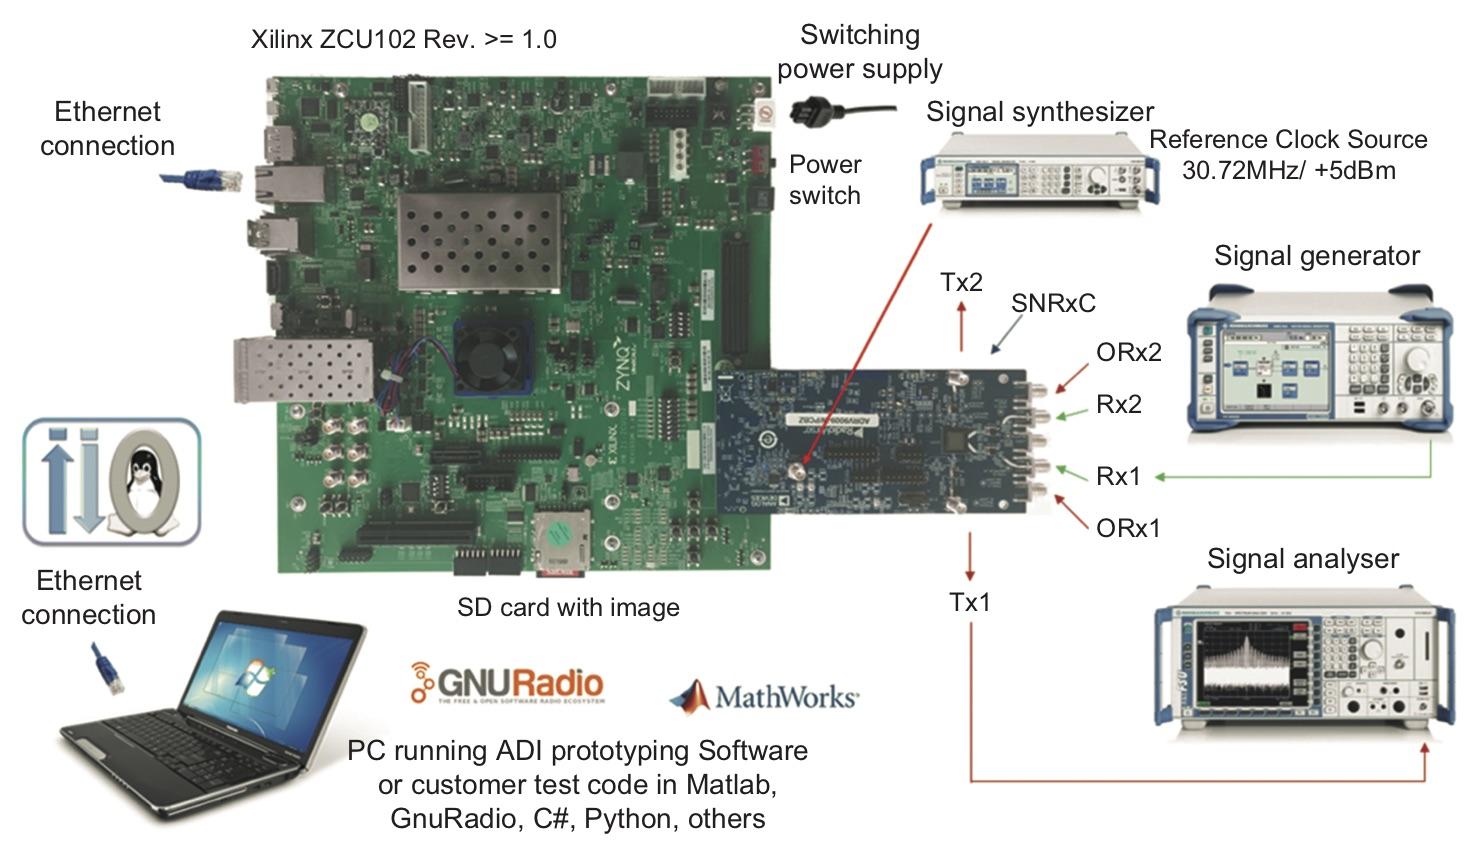 Конфигурации оборудования для тестирования приемопередатчиков ADRV9008/ADRV9009